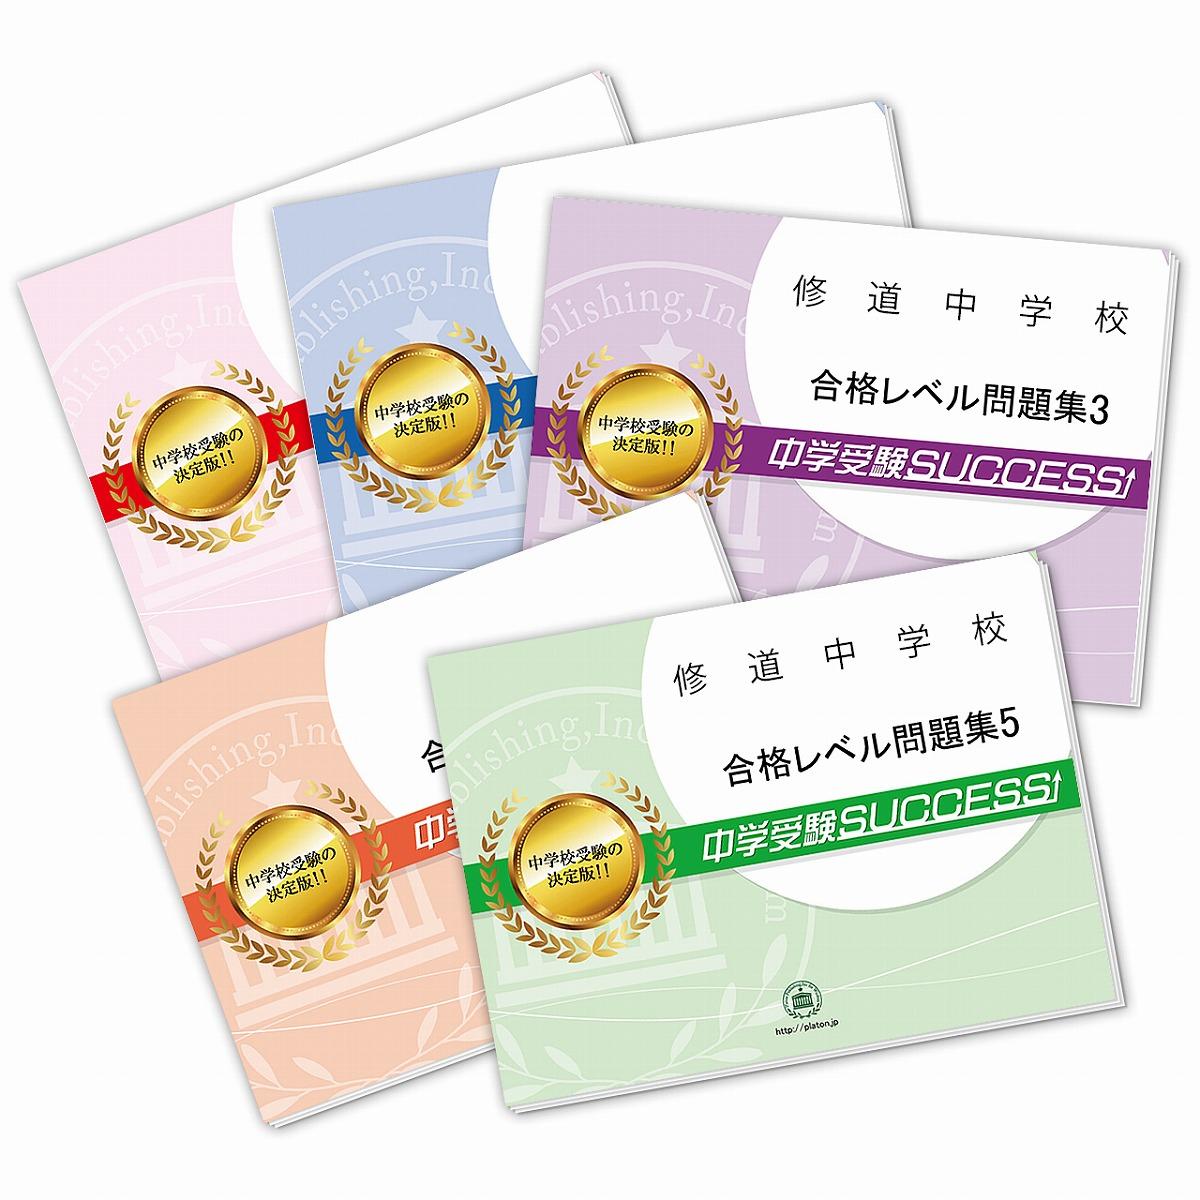 送料 マーケティング 代引手数料無料 修道中学校 5冊 買い取り 直前対策合格セット